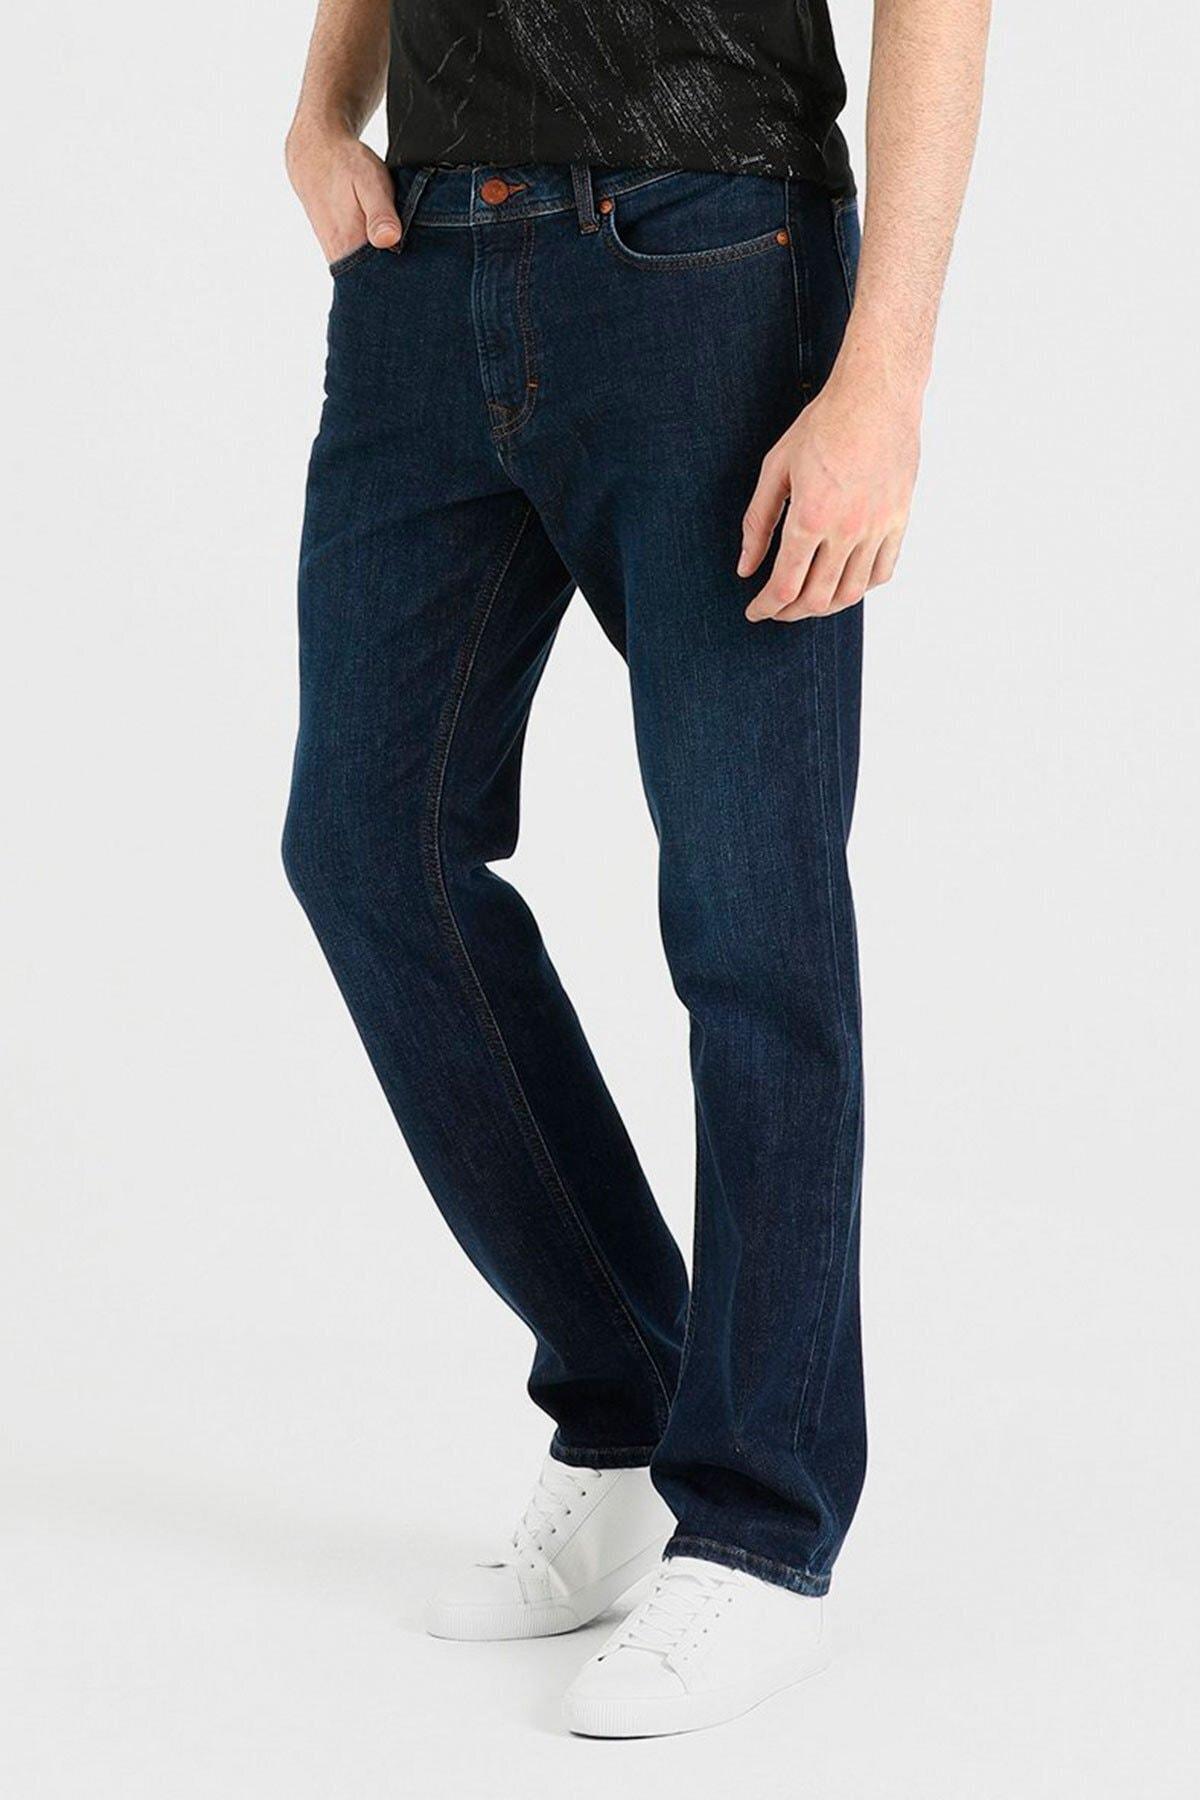 APAYDIN A.Ş Erkek Lacivert Jeans 2